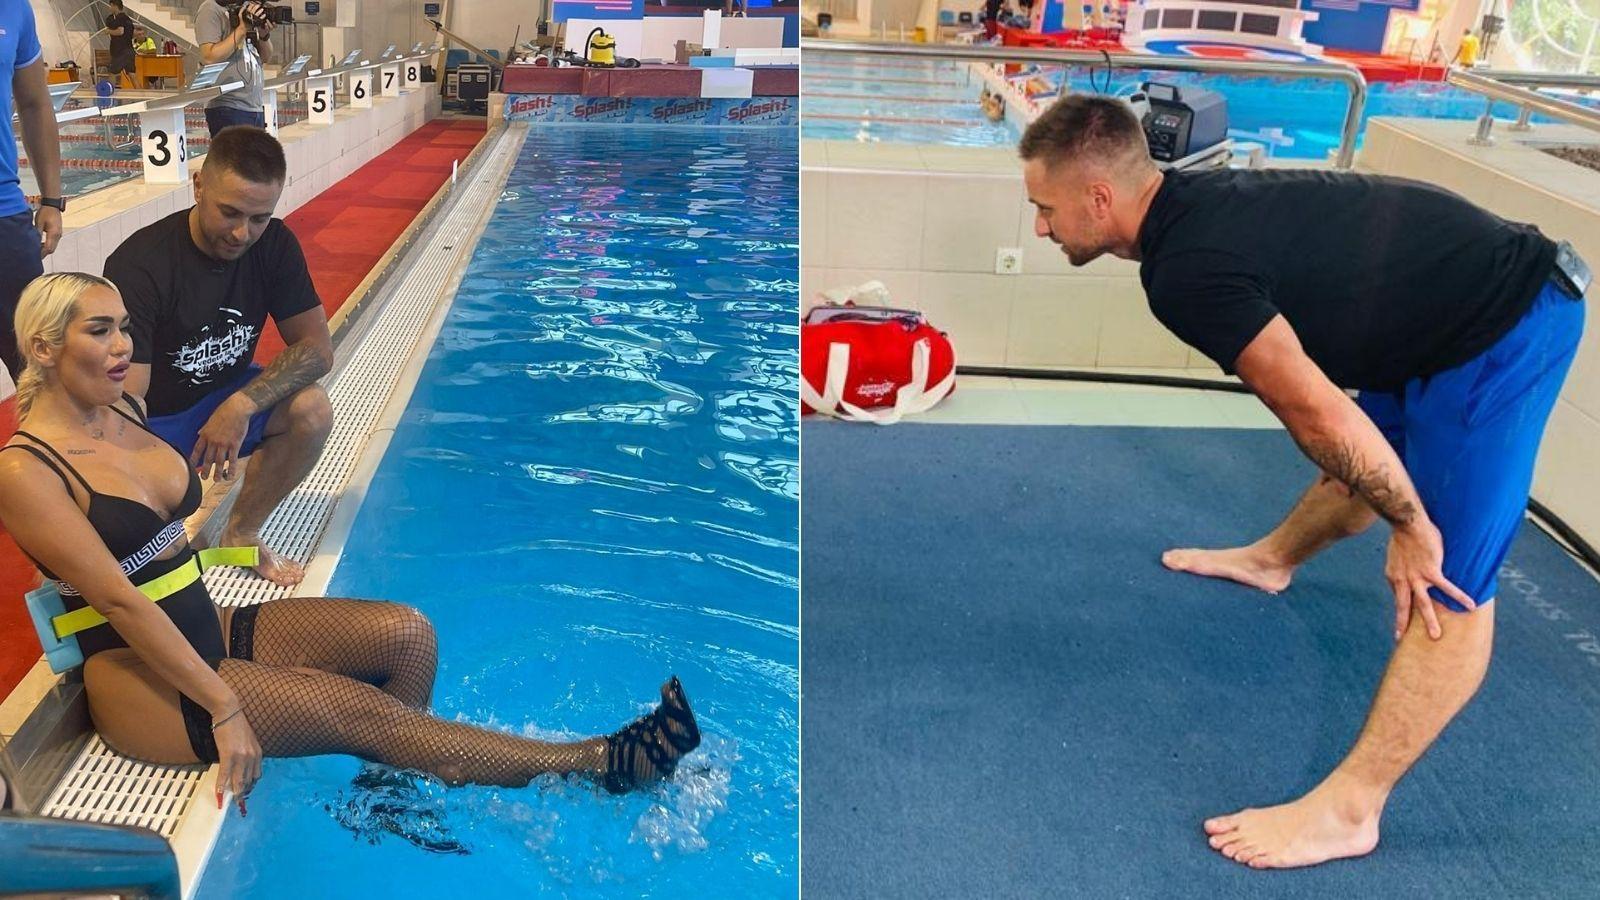 Cine e Cătălin Cozma, antrenorul vedetelor de la Splash! Vedete la apă. Cine formează echipa de antrenori